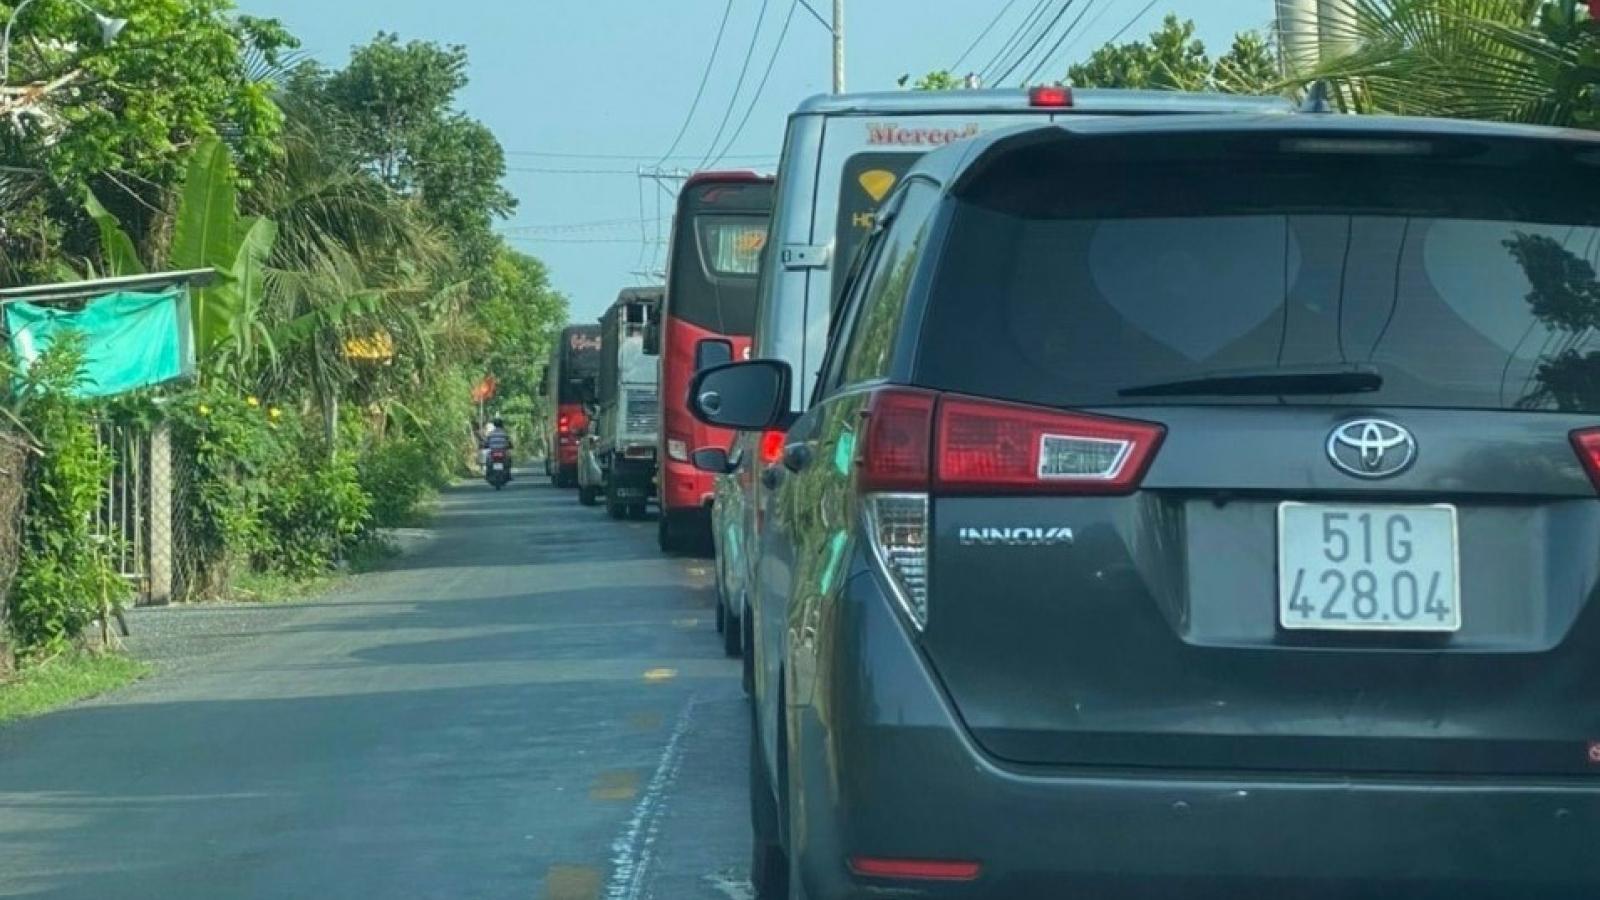 Ùn tắc giao thông nghiêm trọng tại cửa ngõ Miền Tây